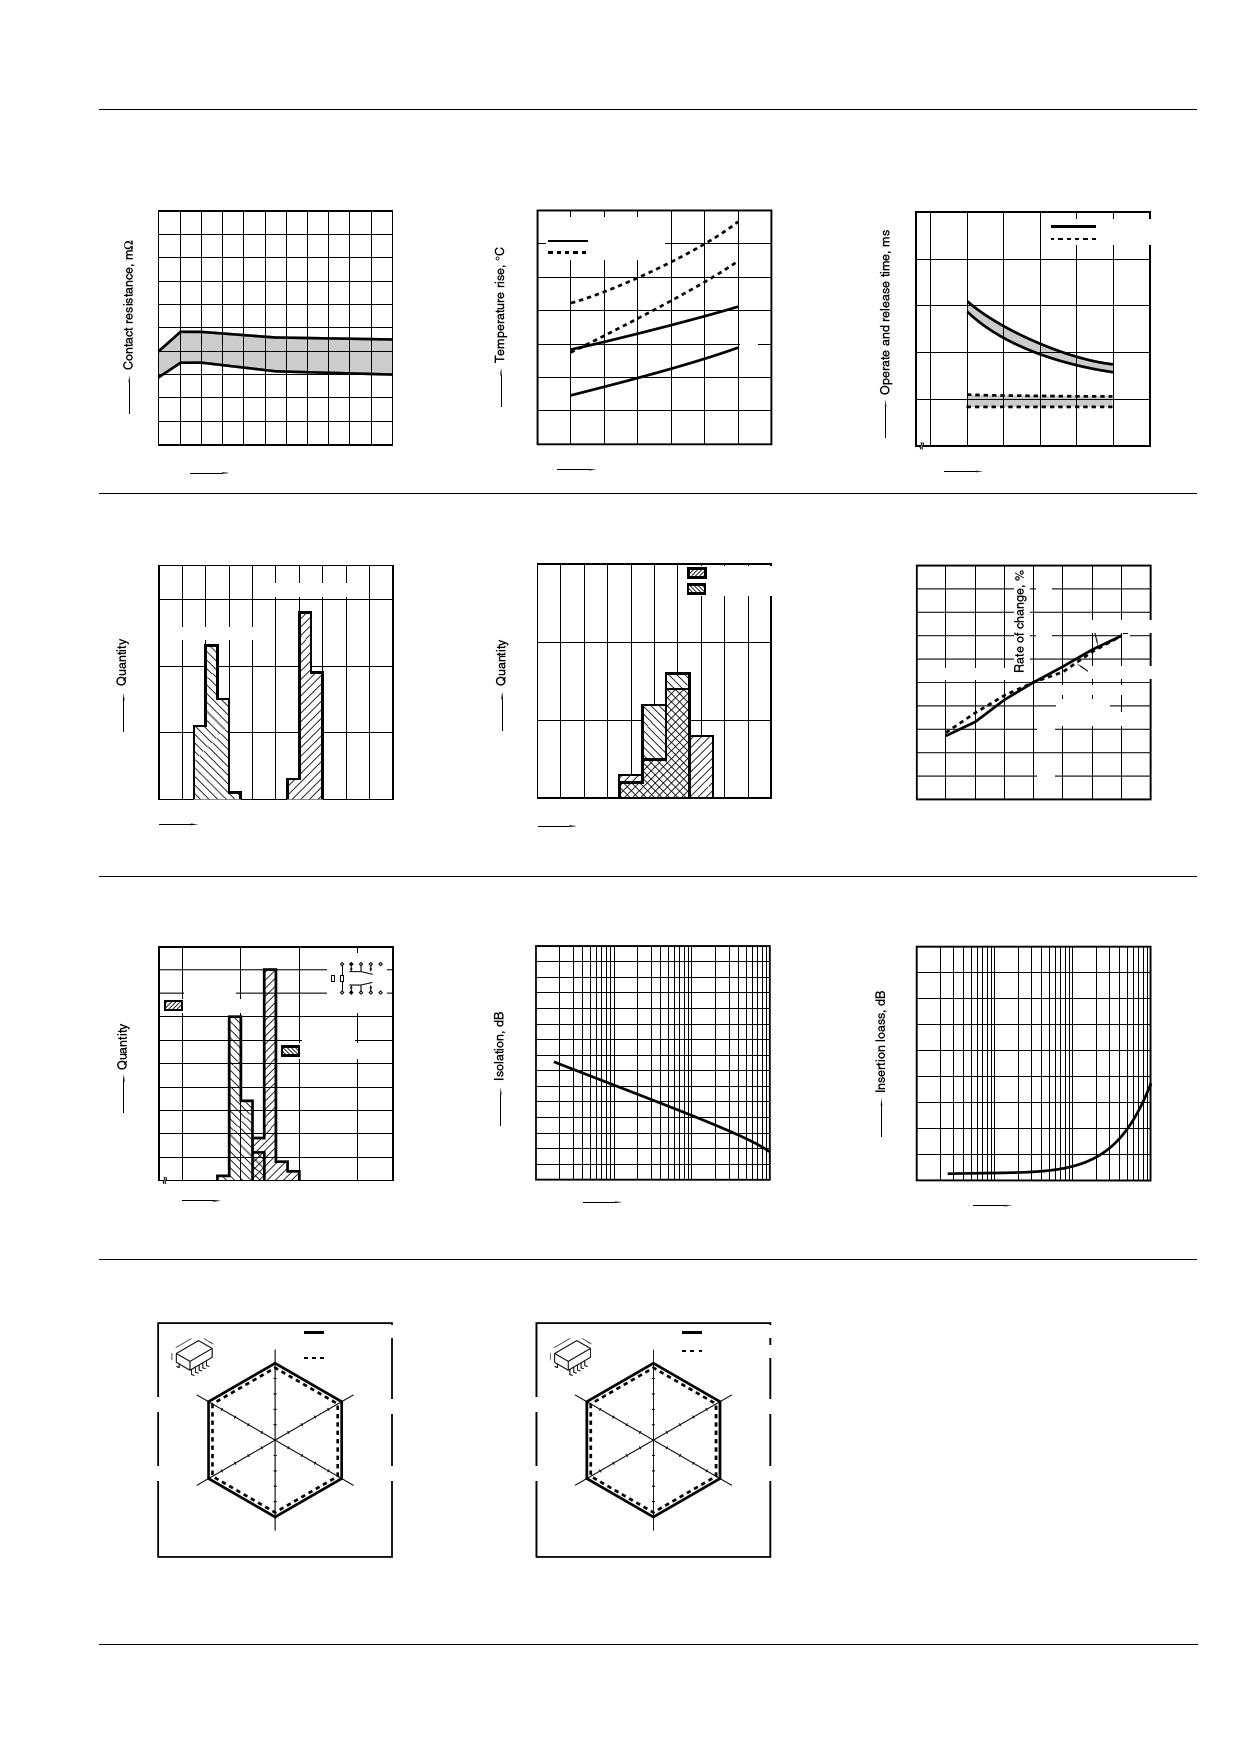 TQ2SS-24V pdf, 반도체, 판매, 대치품